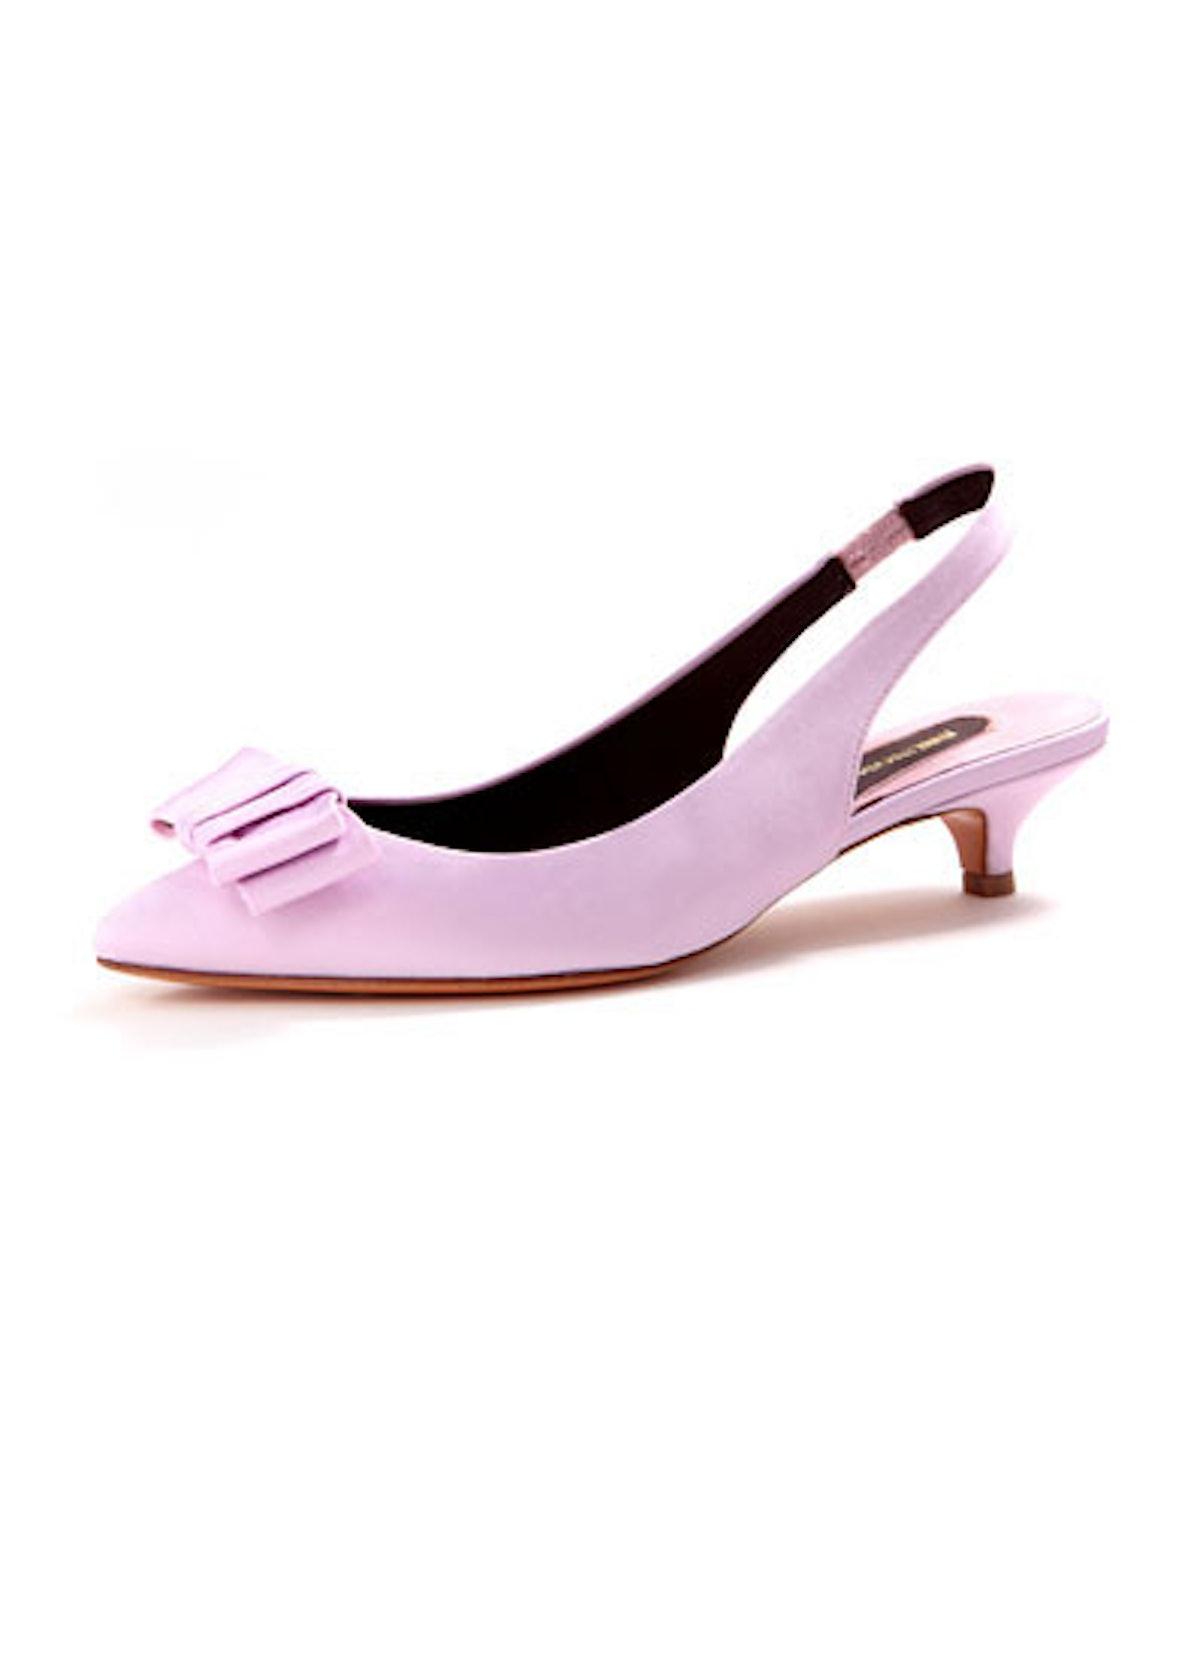 acss-kitten-heels-trend-01-v.jpg